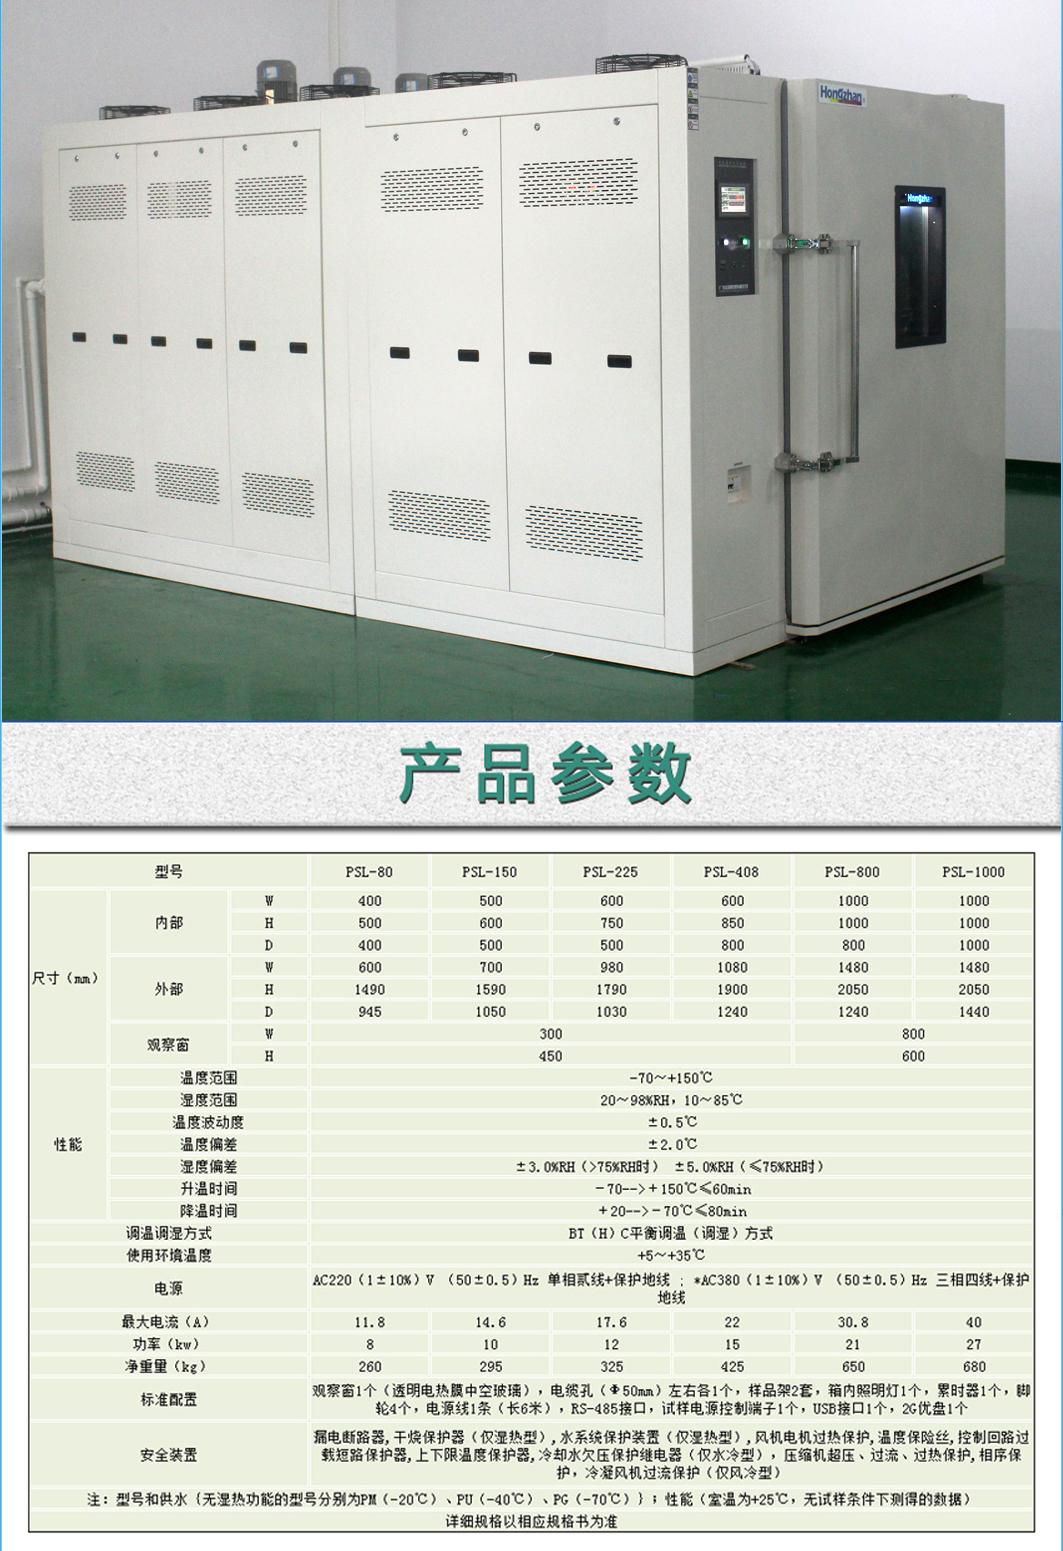 高溫高濕試驗箱,高溫高濕箱,恒溫恒濕機規格系列齊全,可根據用戶不同要求定制不同尺寸/使用指標/各種選配功能